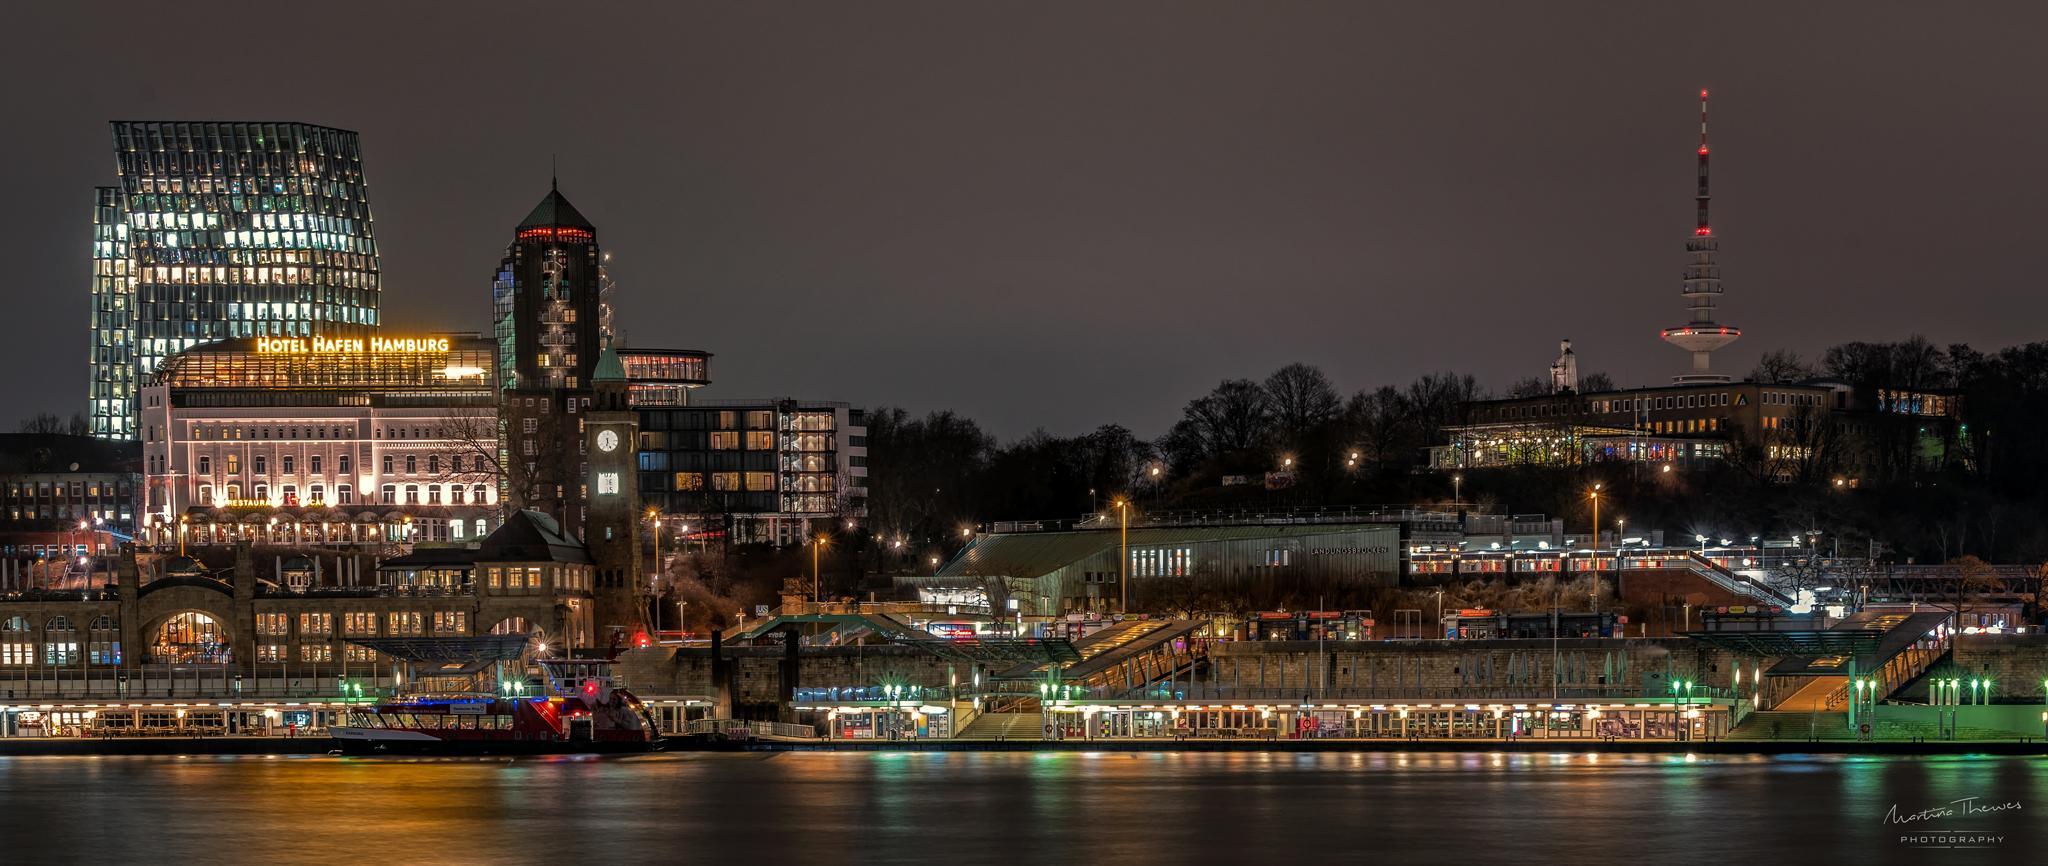 die Landungsbrücken von St.Pauli